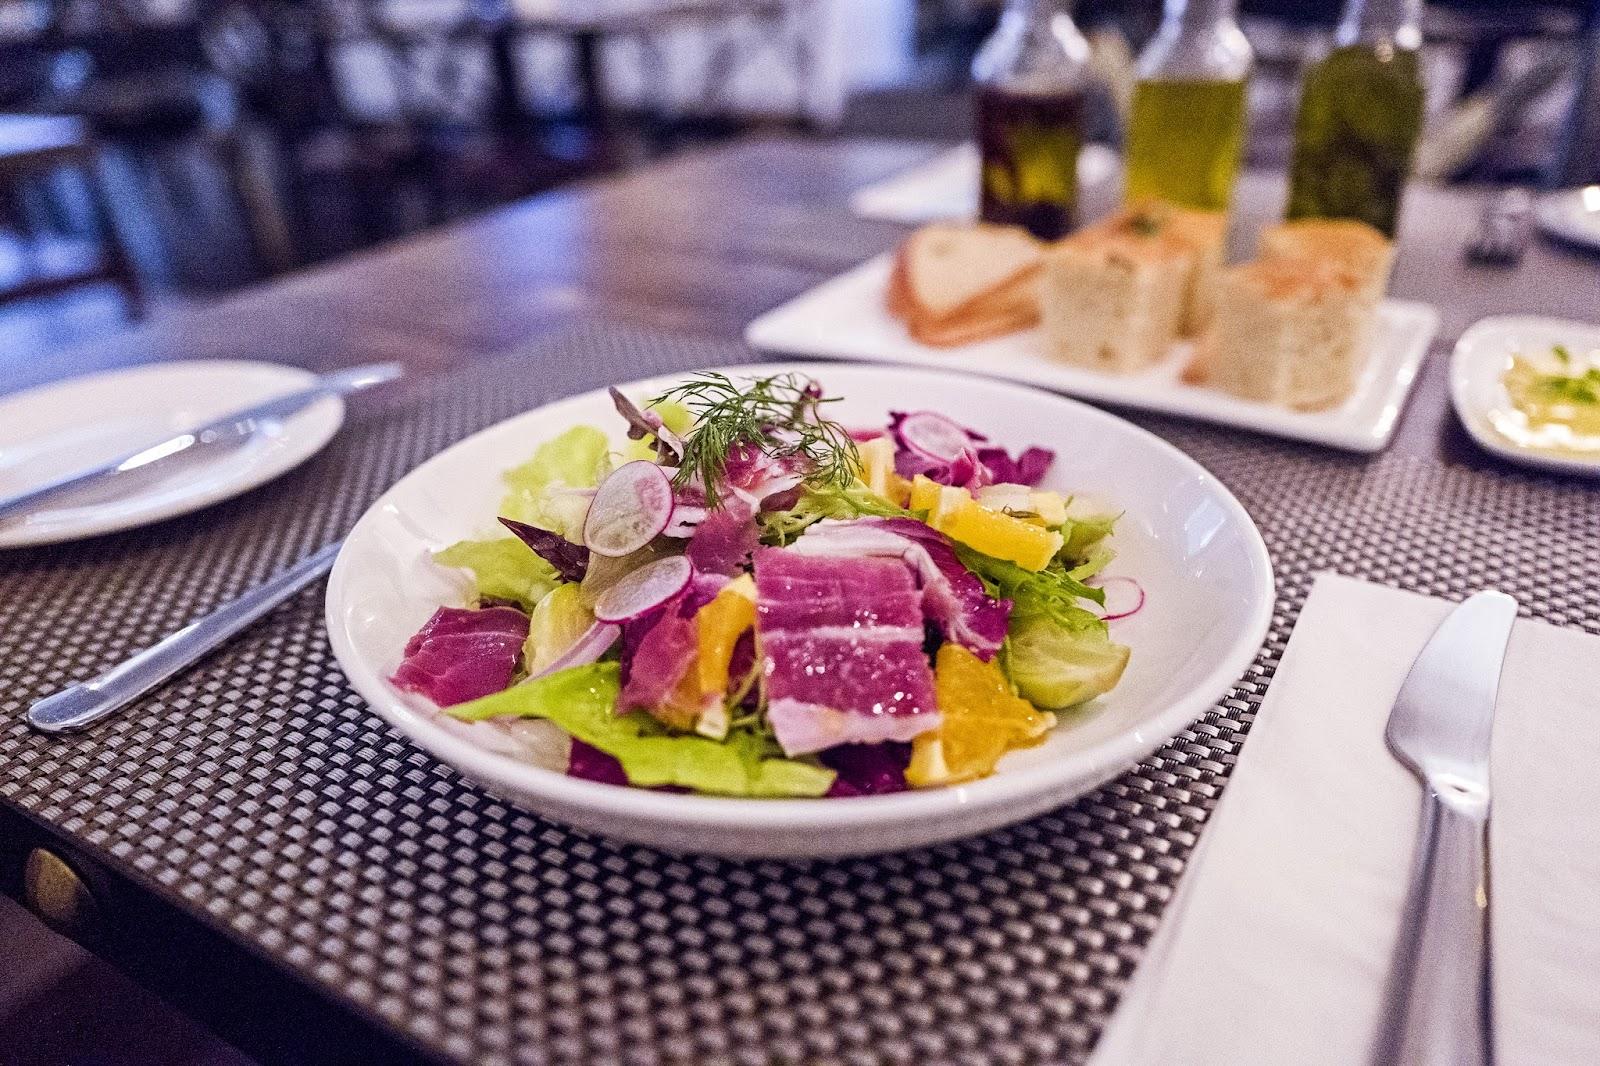 f-salad-L1050305.jpg